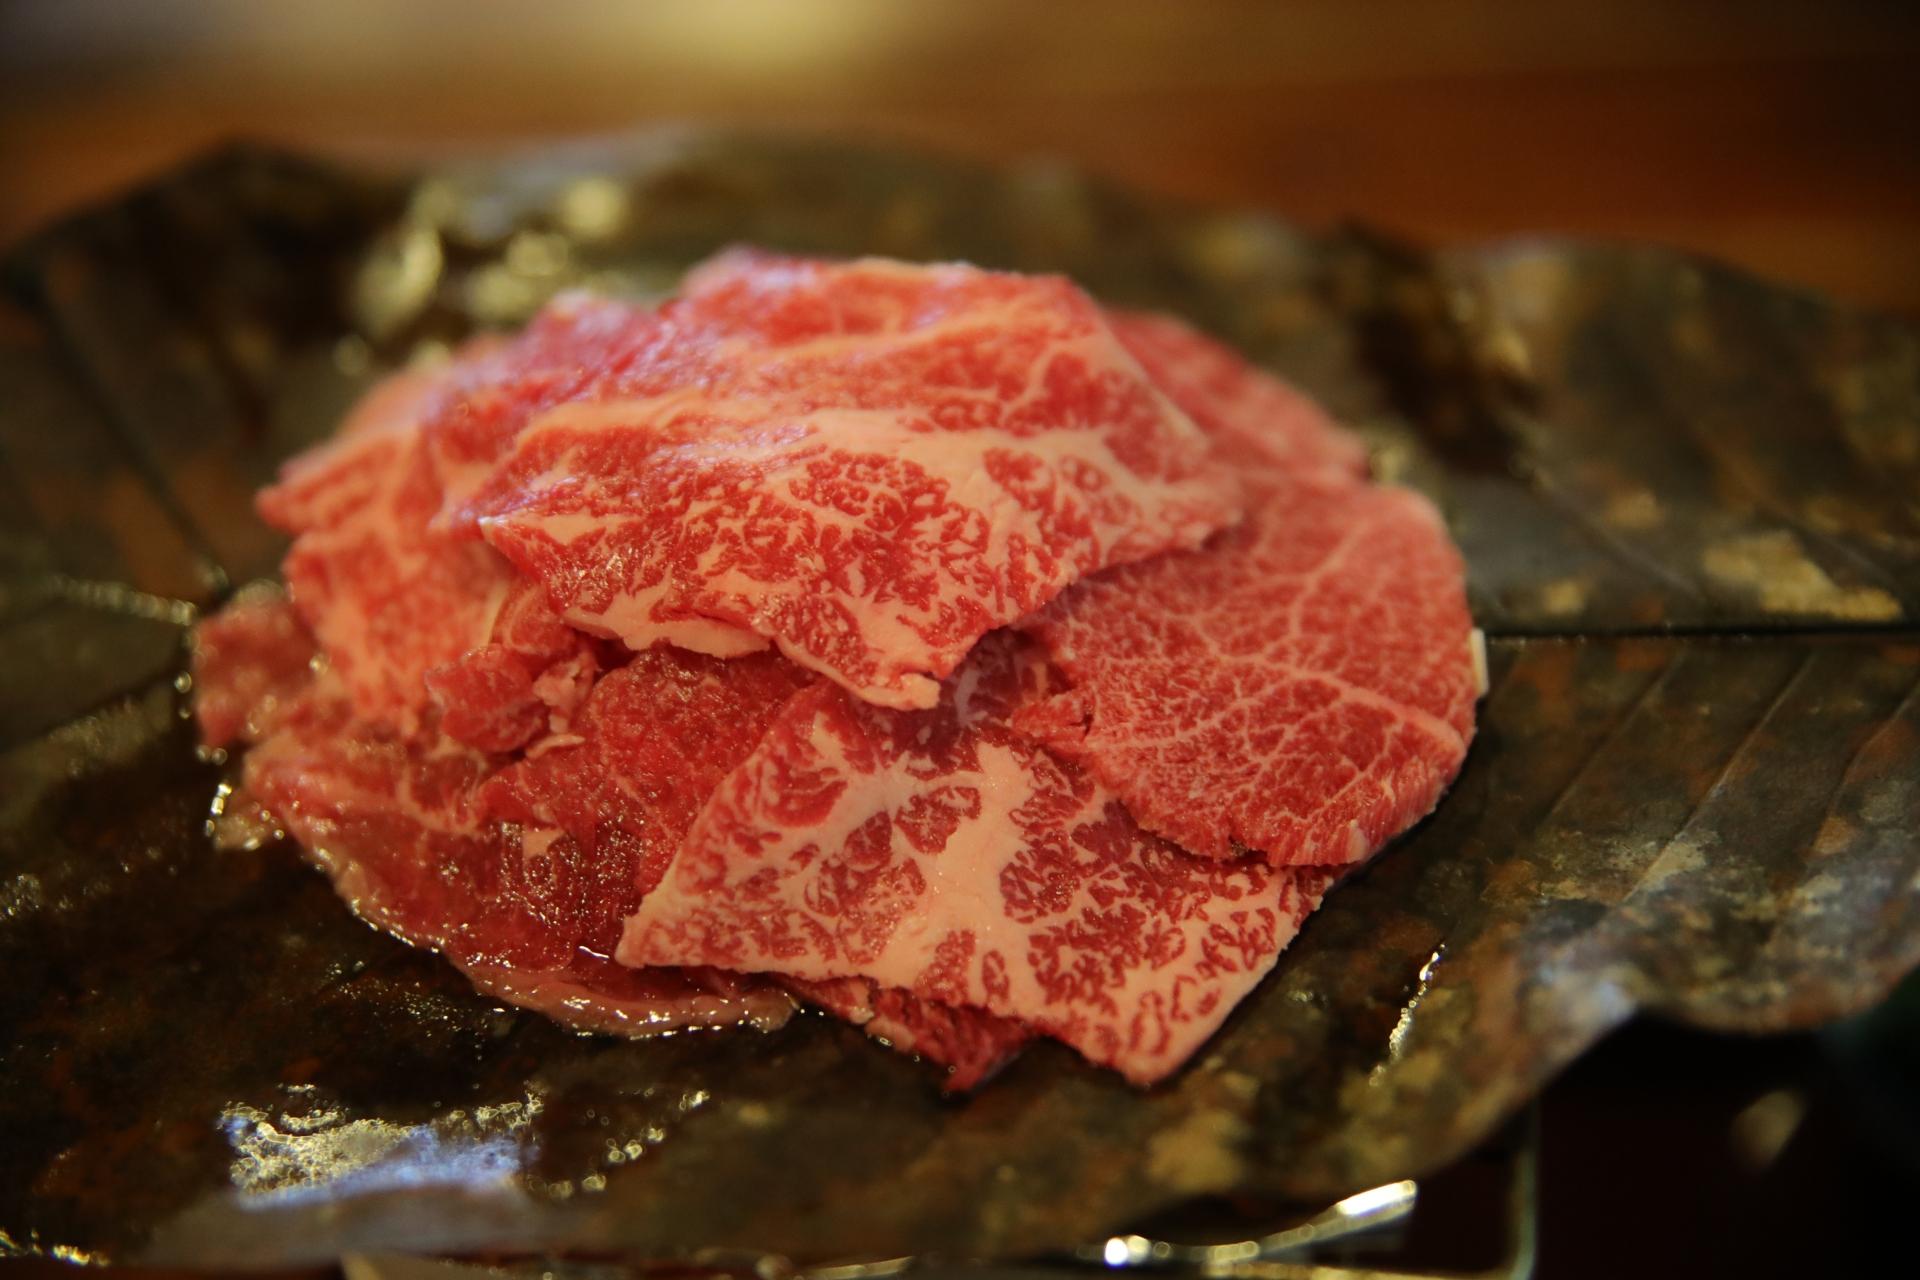 みわ屋の飛騨牛まぶしは岐阜で必ず食べたい名物メニュー!値段や人気の理由は?